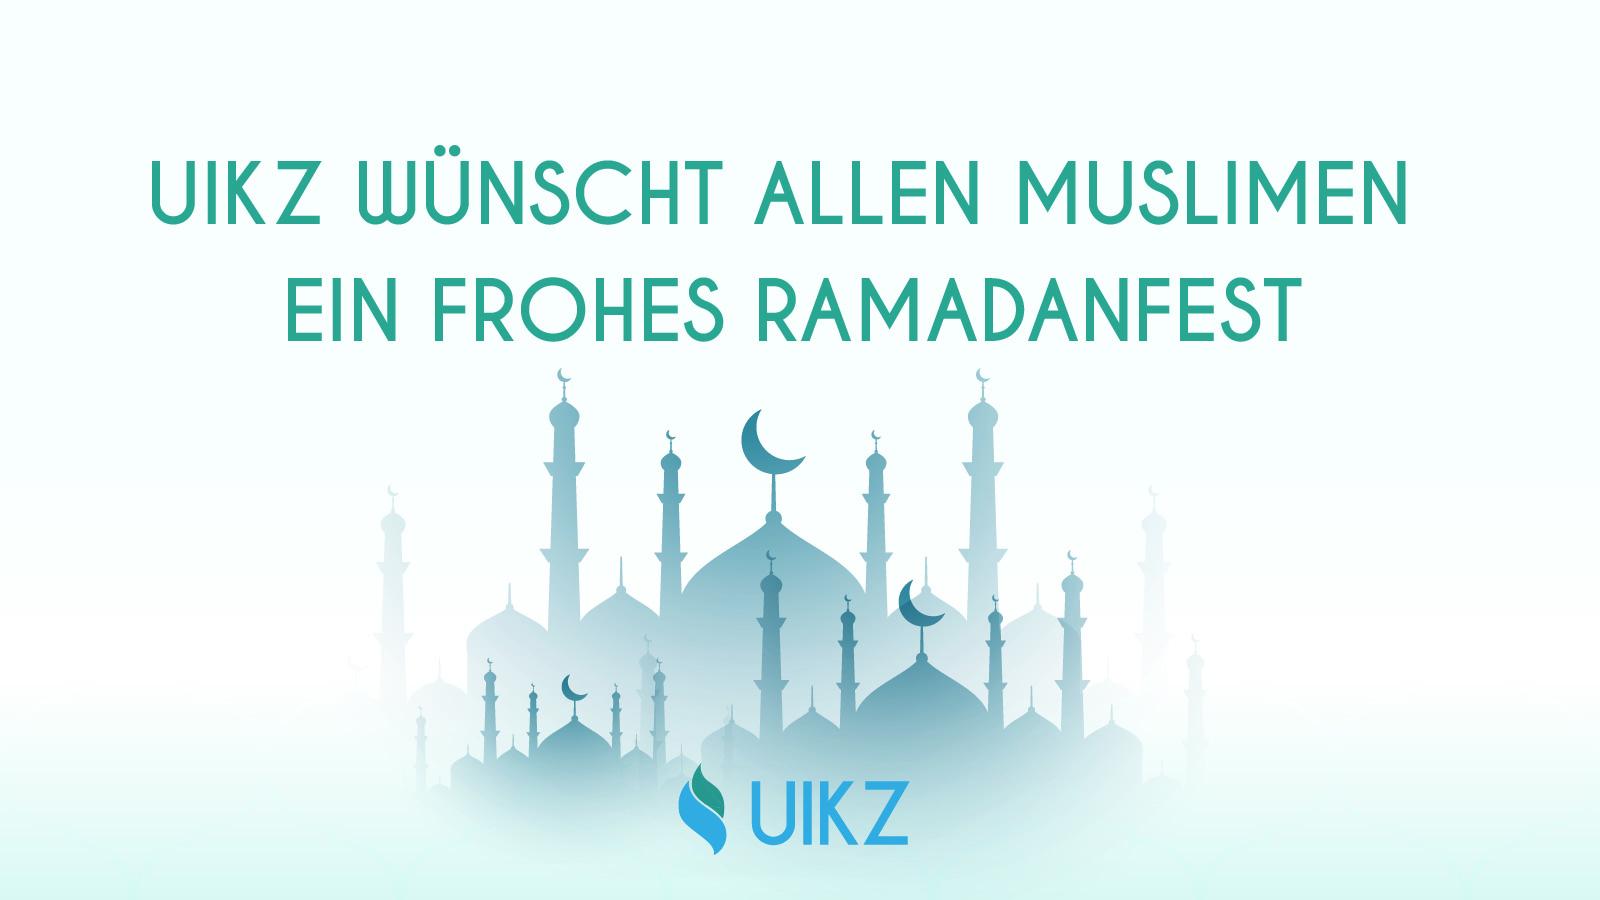 Ramadanfest